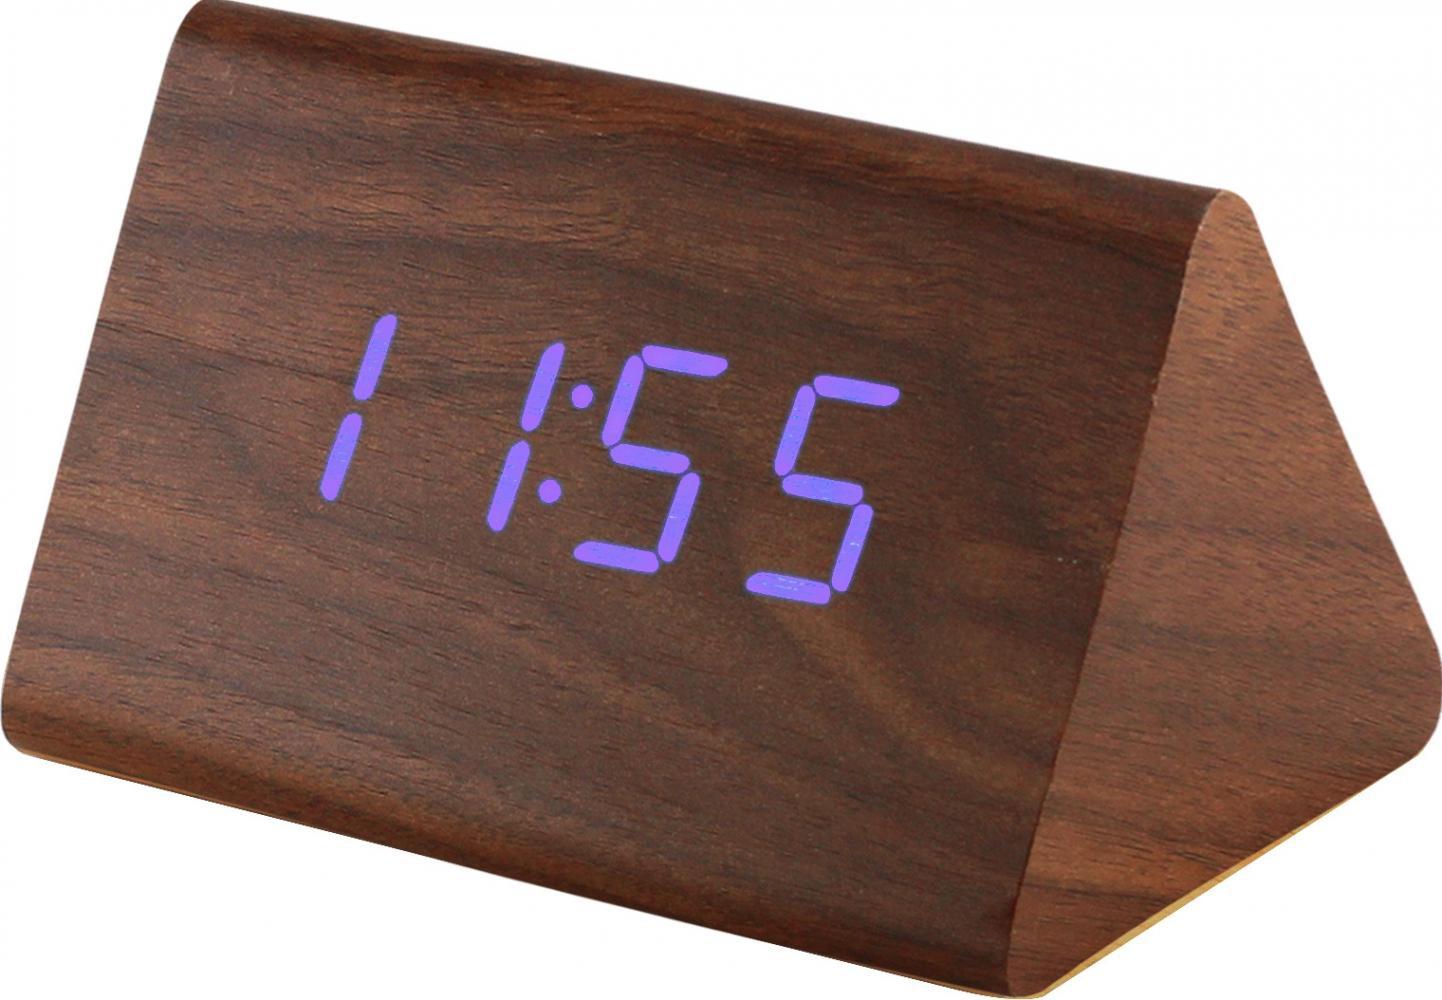 MPM Digitální budík s modrými LED diodami v dřevěném vzhledu C02.3569 BLUE LED